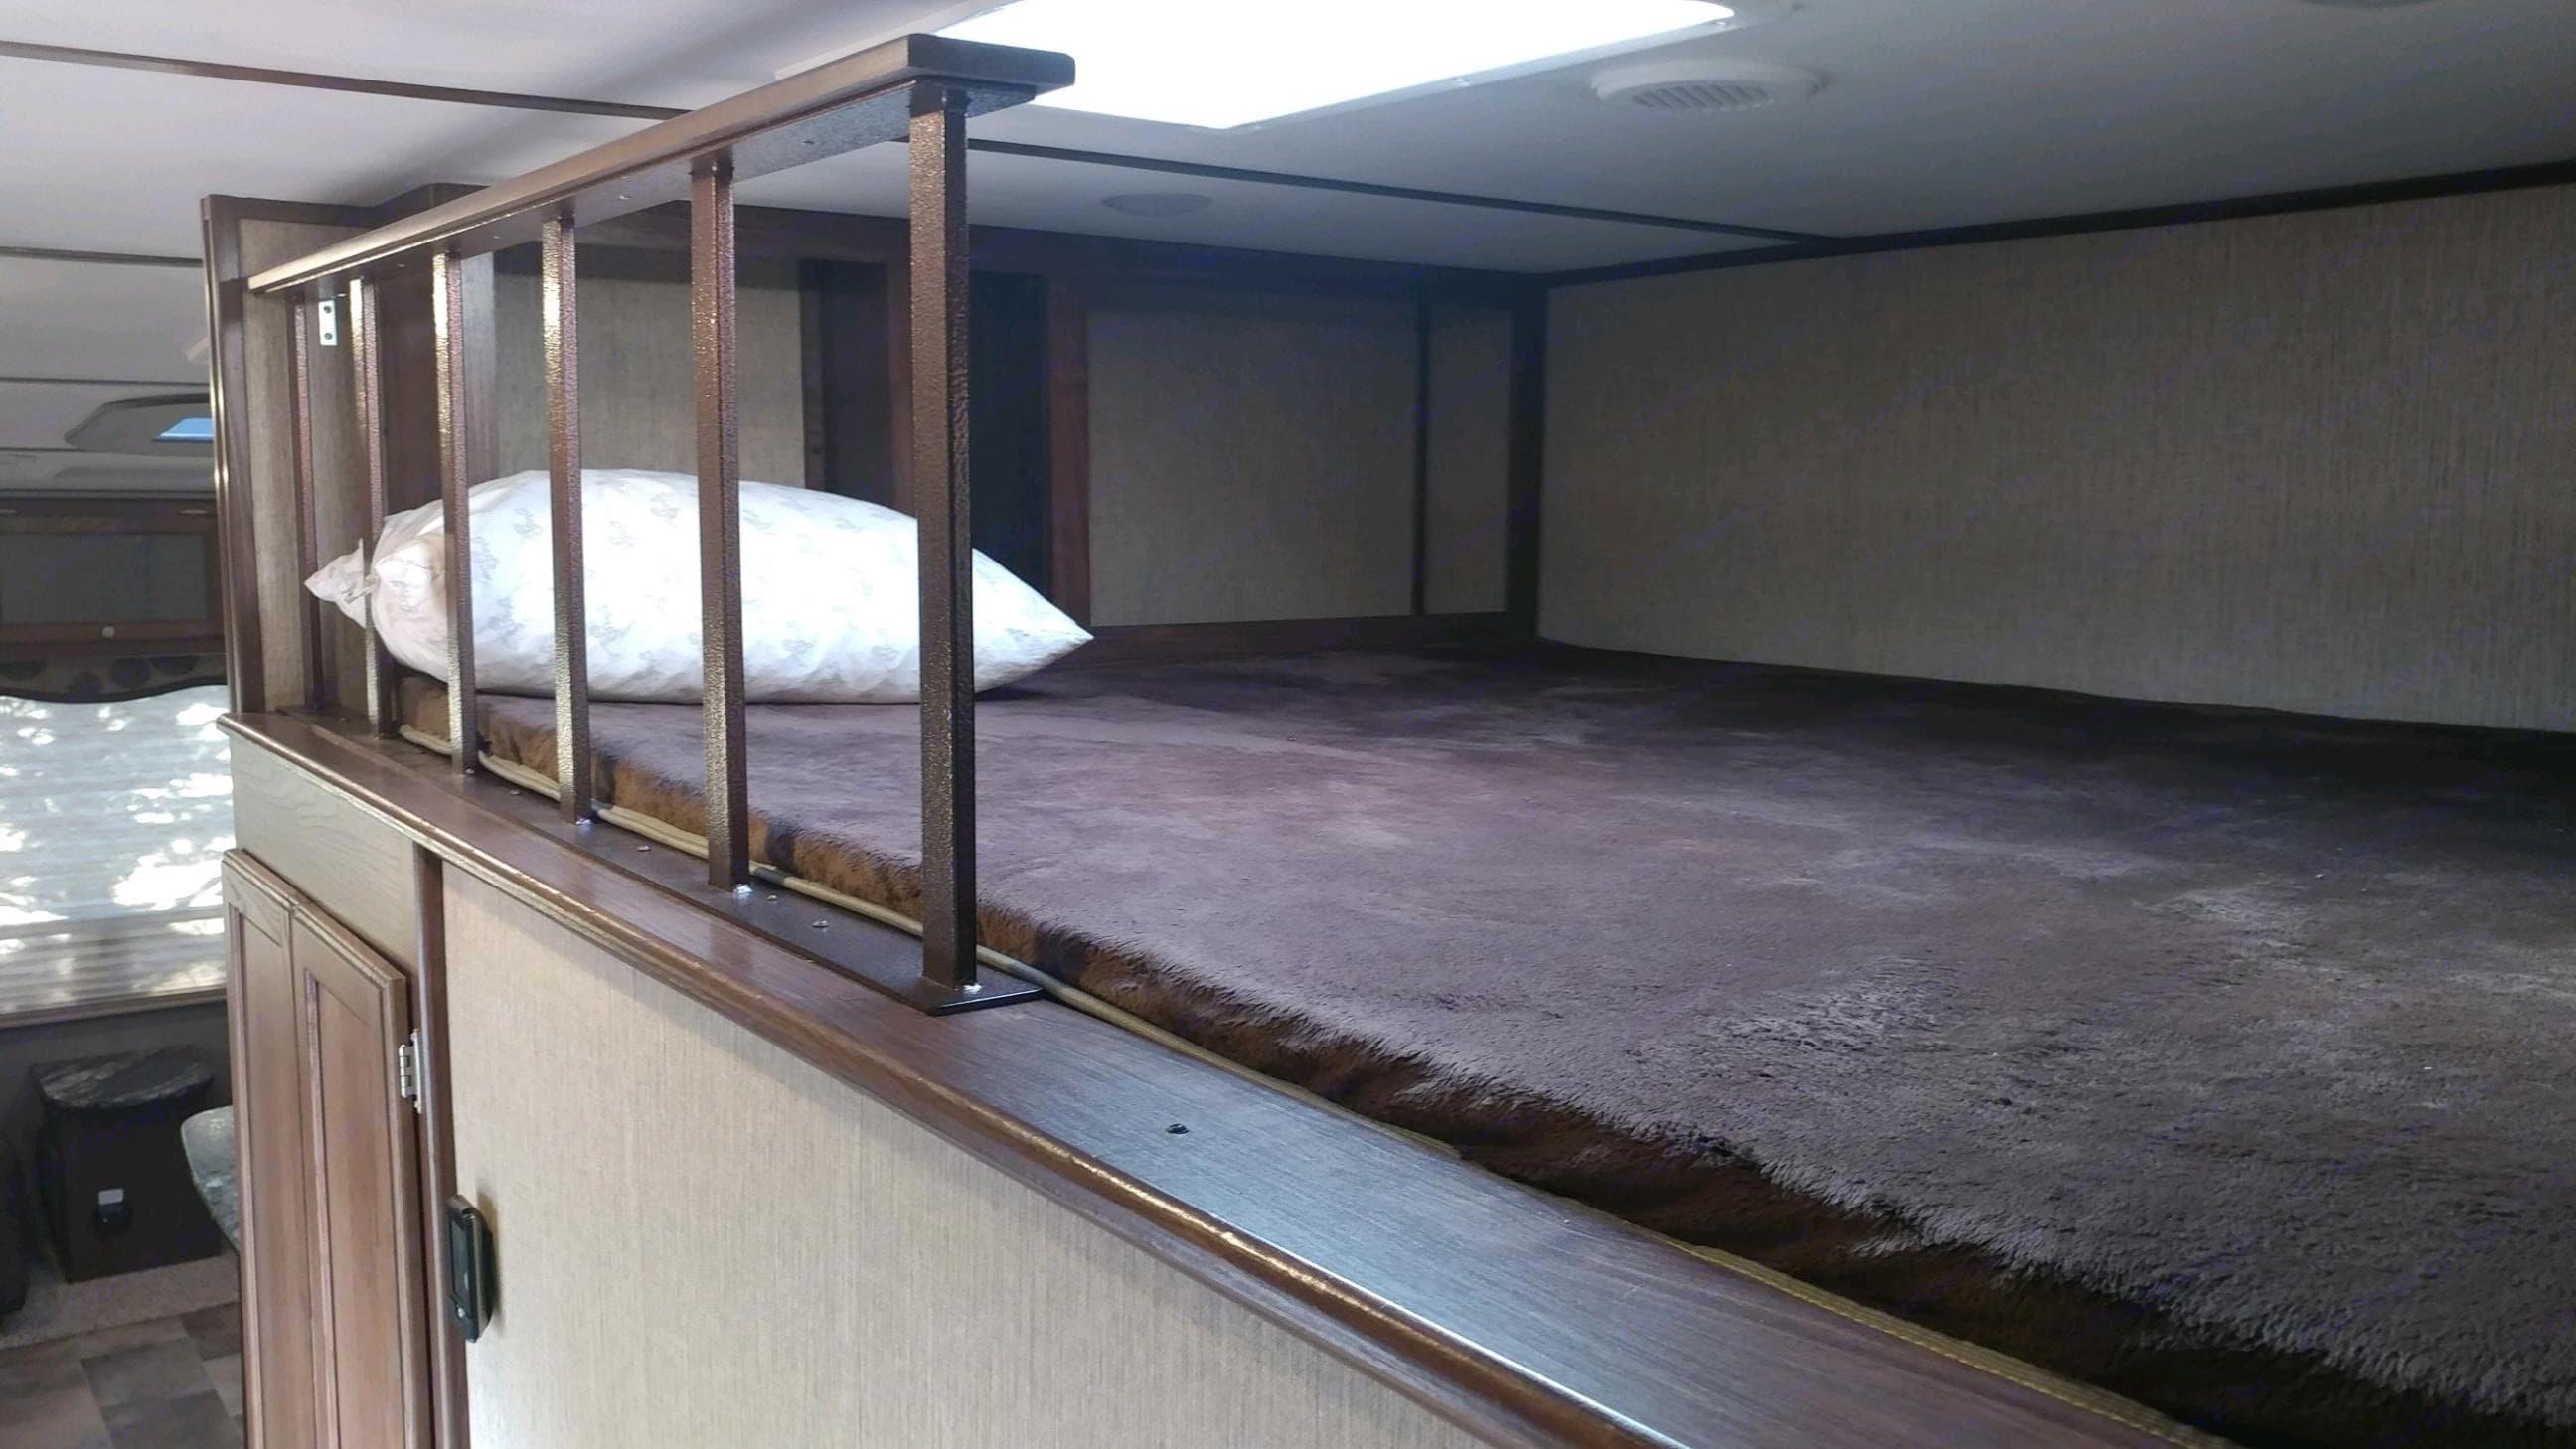 Loft bed. Keystone Sprinter 2016